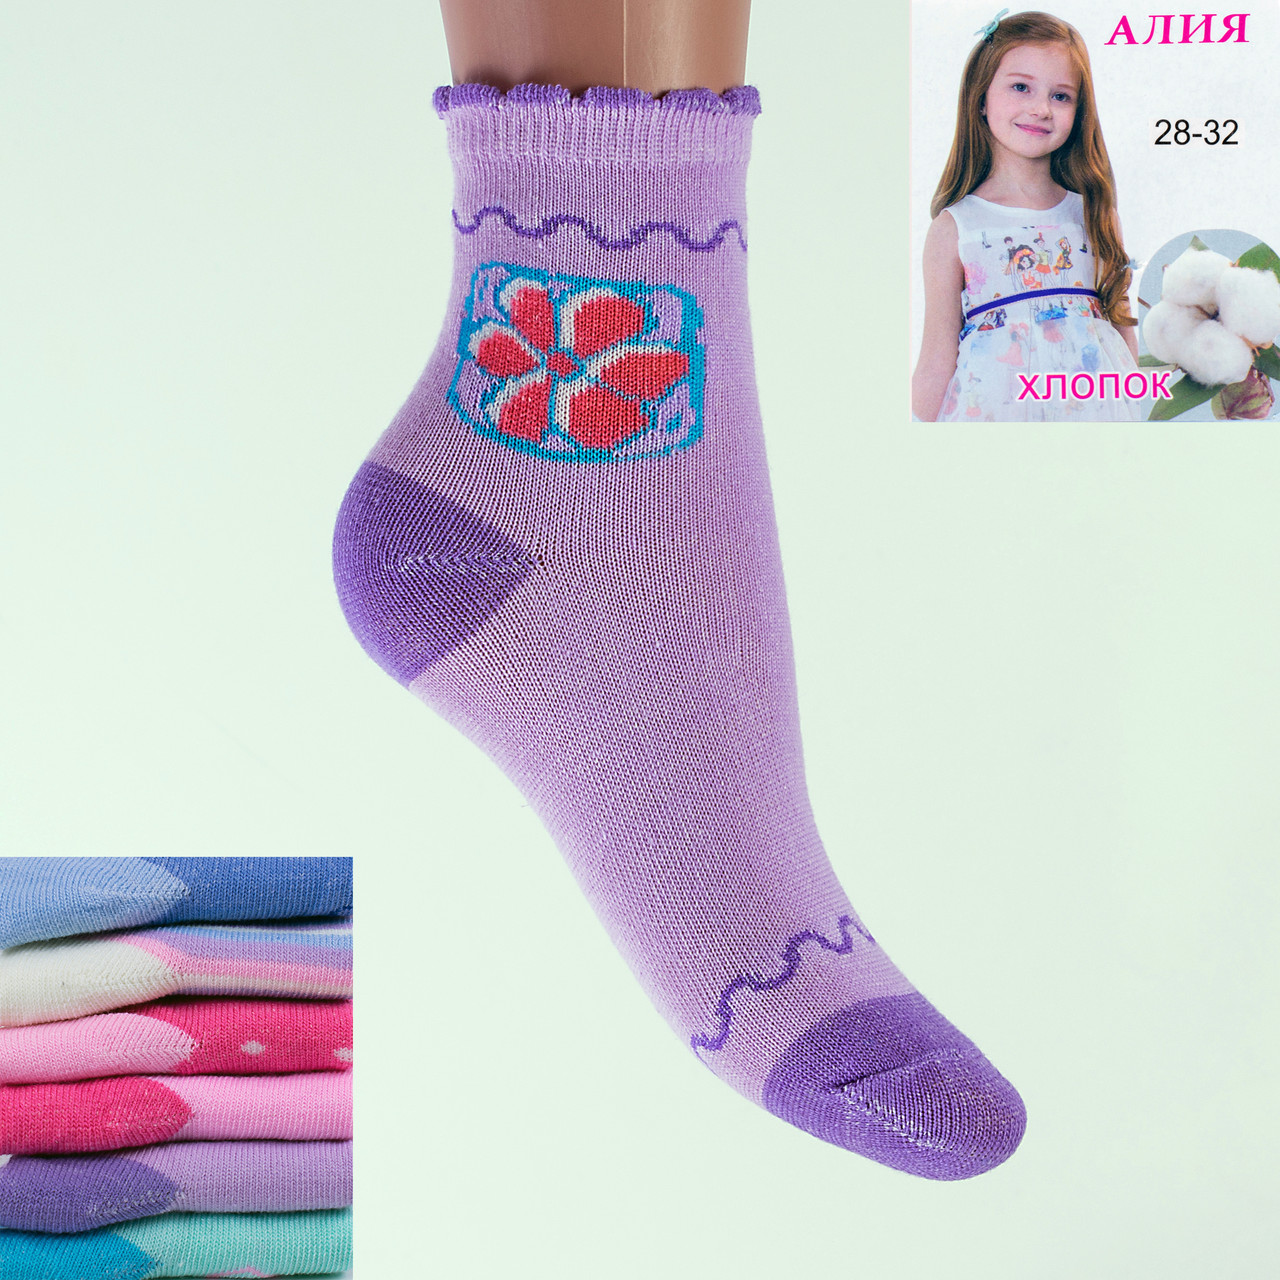 Детские носки надевочку Aliya 2012-2 28-32. В упаковке 12 пар